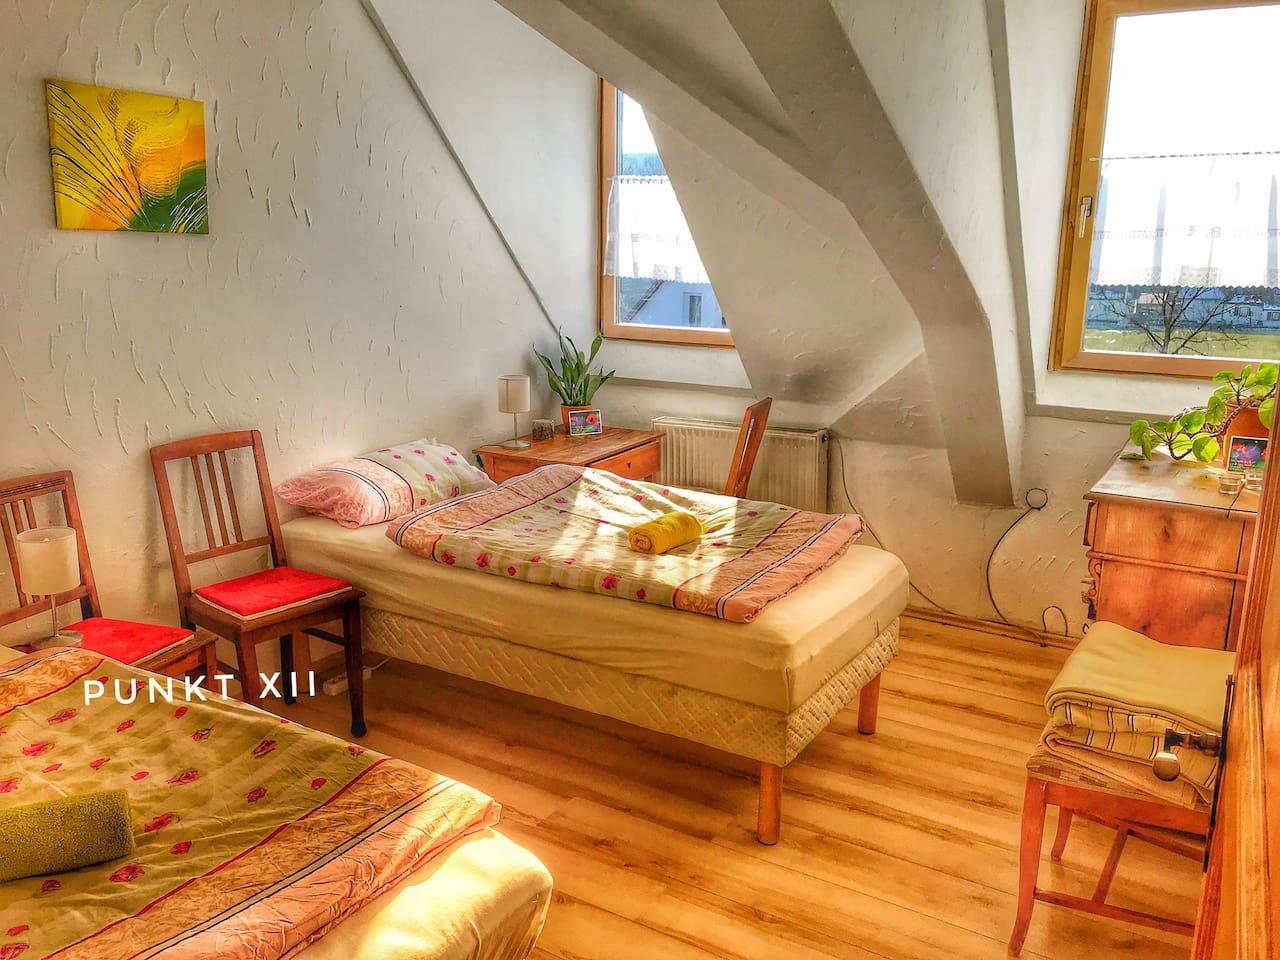 Zweibettzimmer, mit Möglichkeit zum Doppelbett